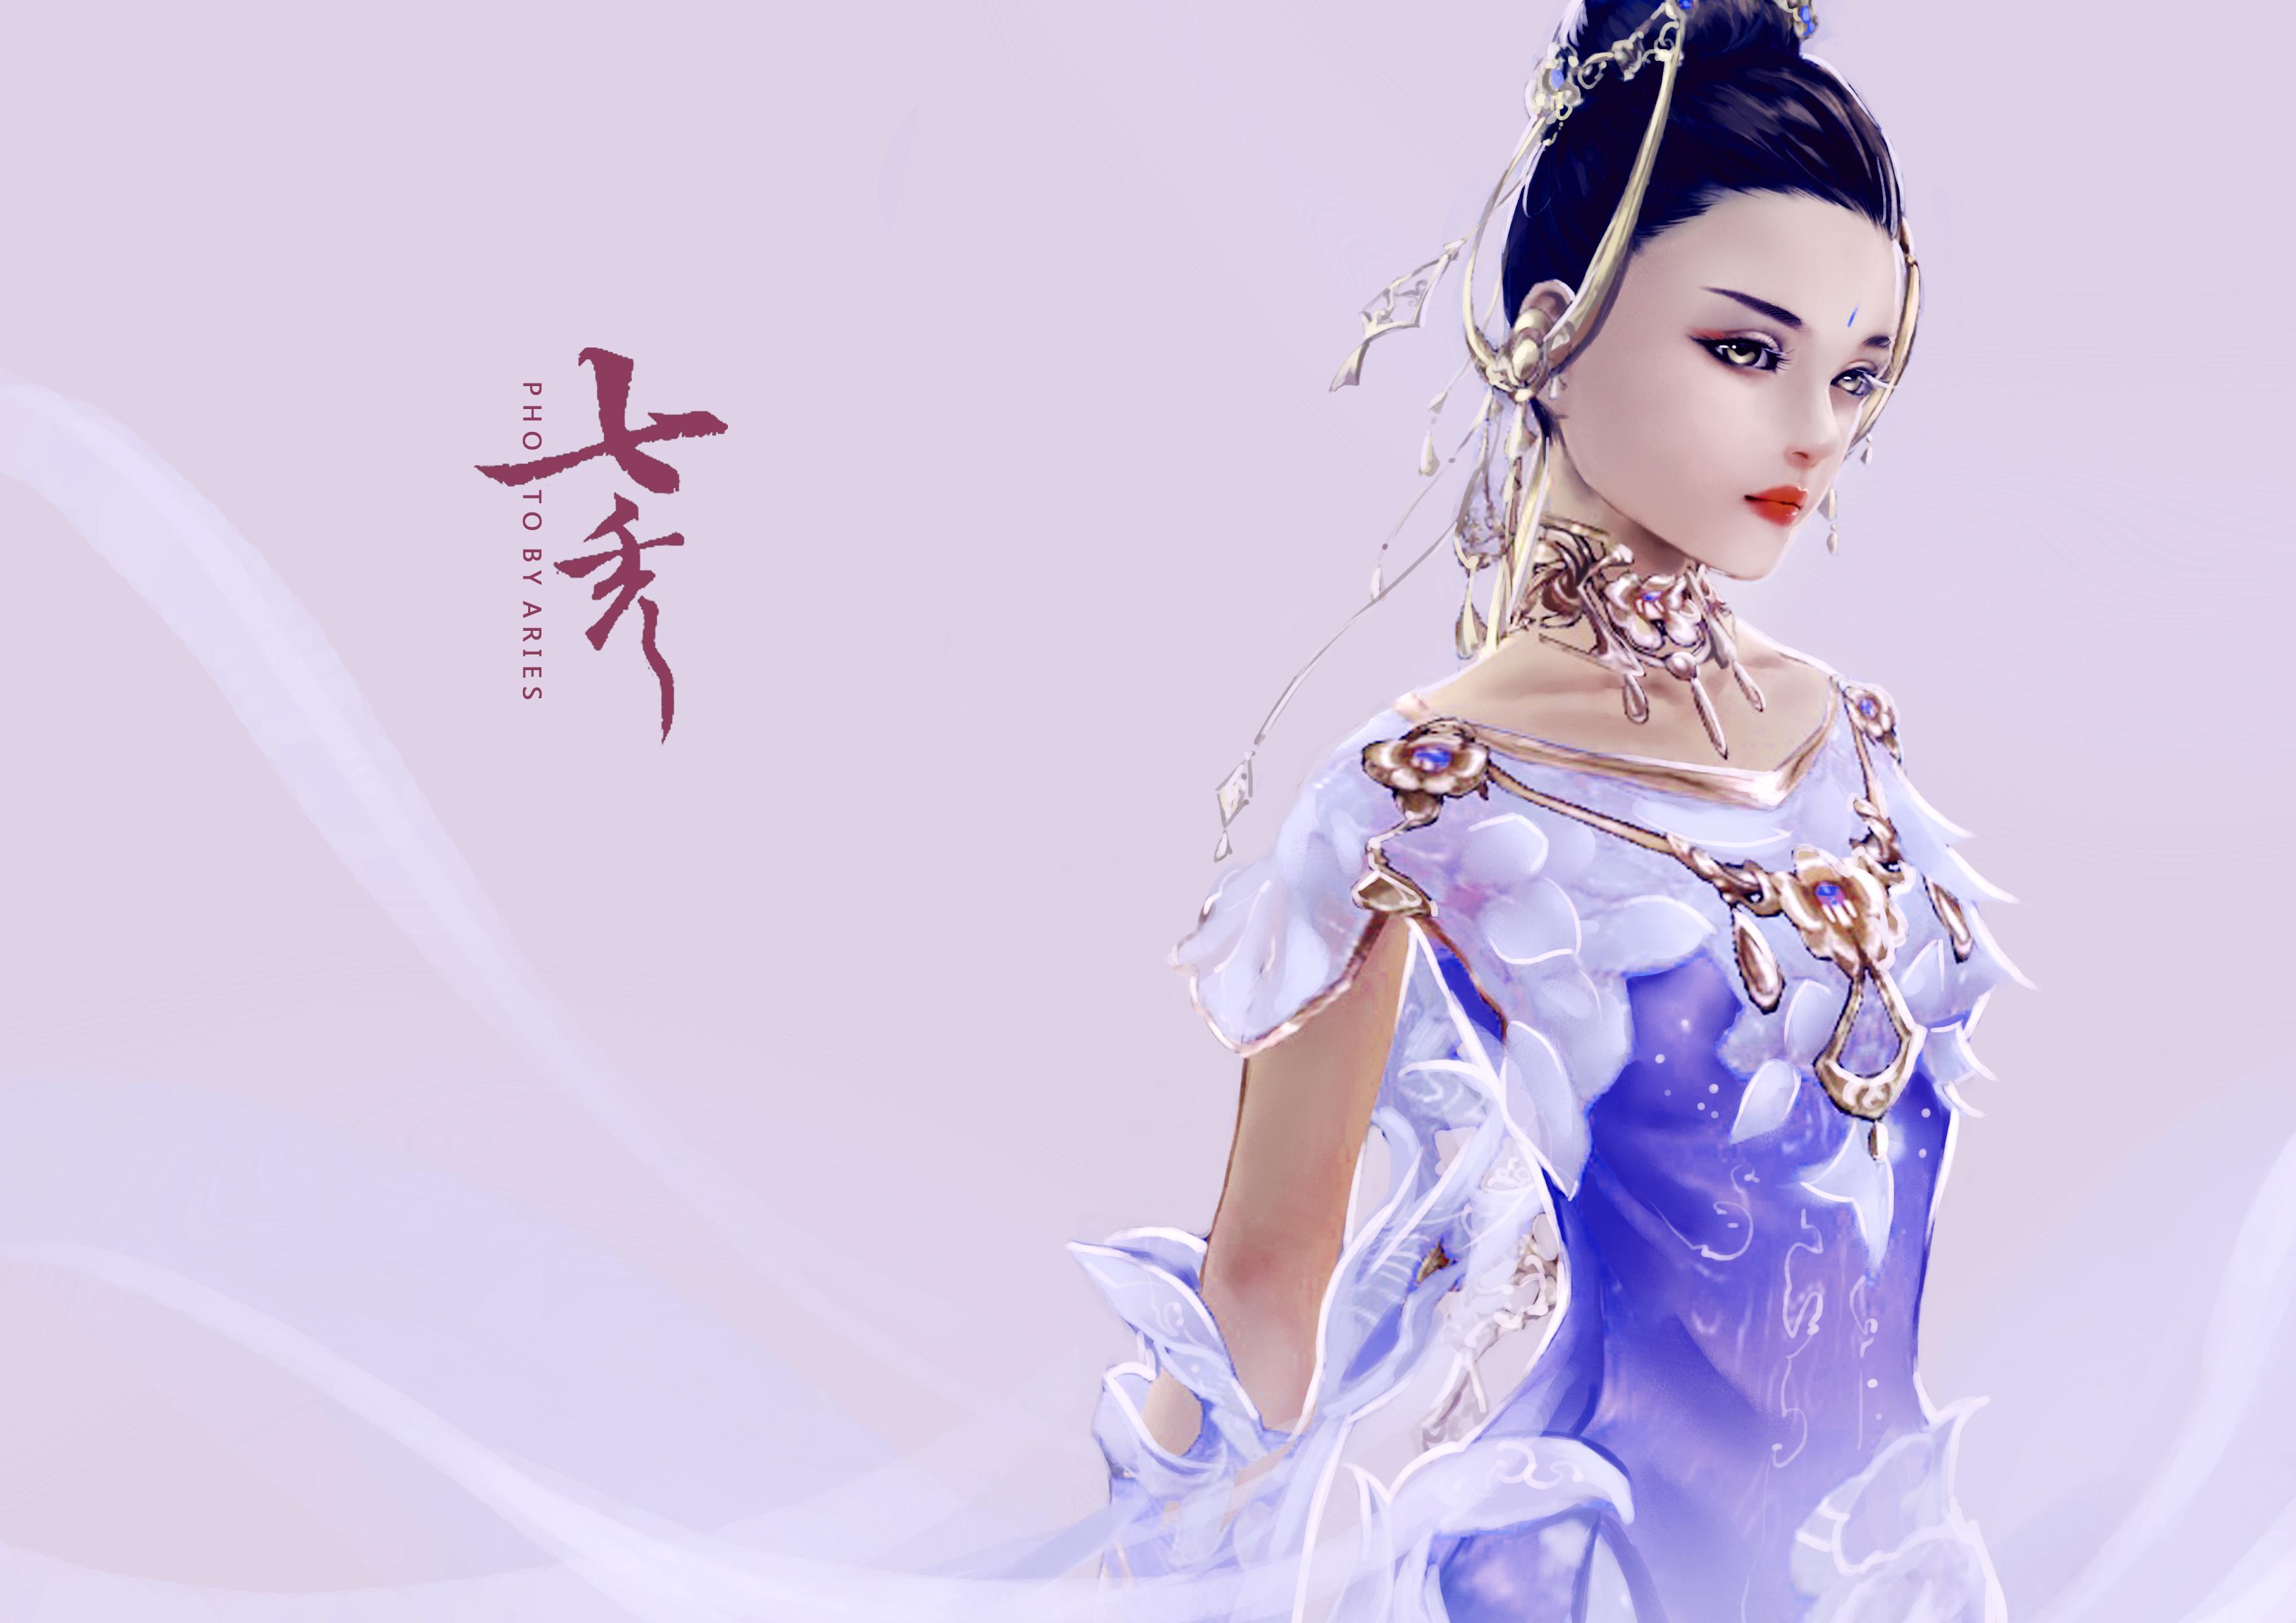 剑网三转手绘人物习作(七秀)